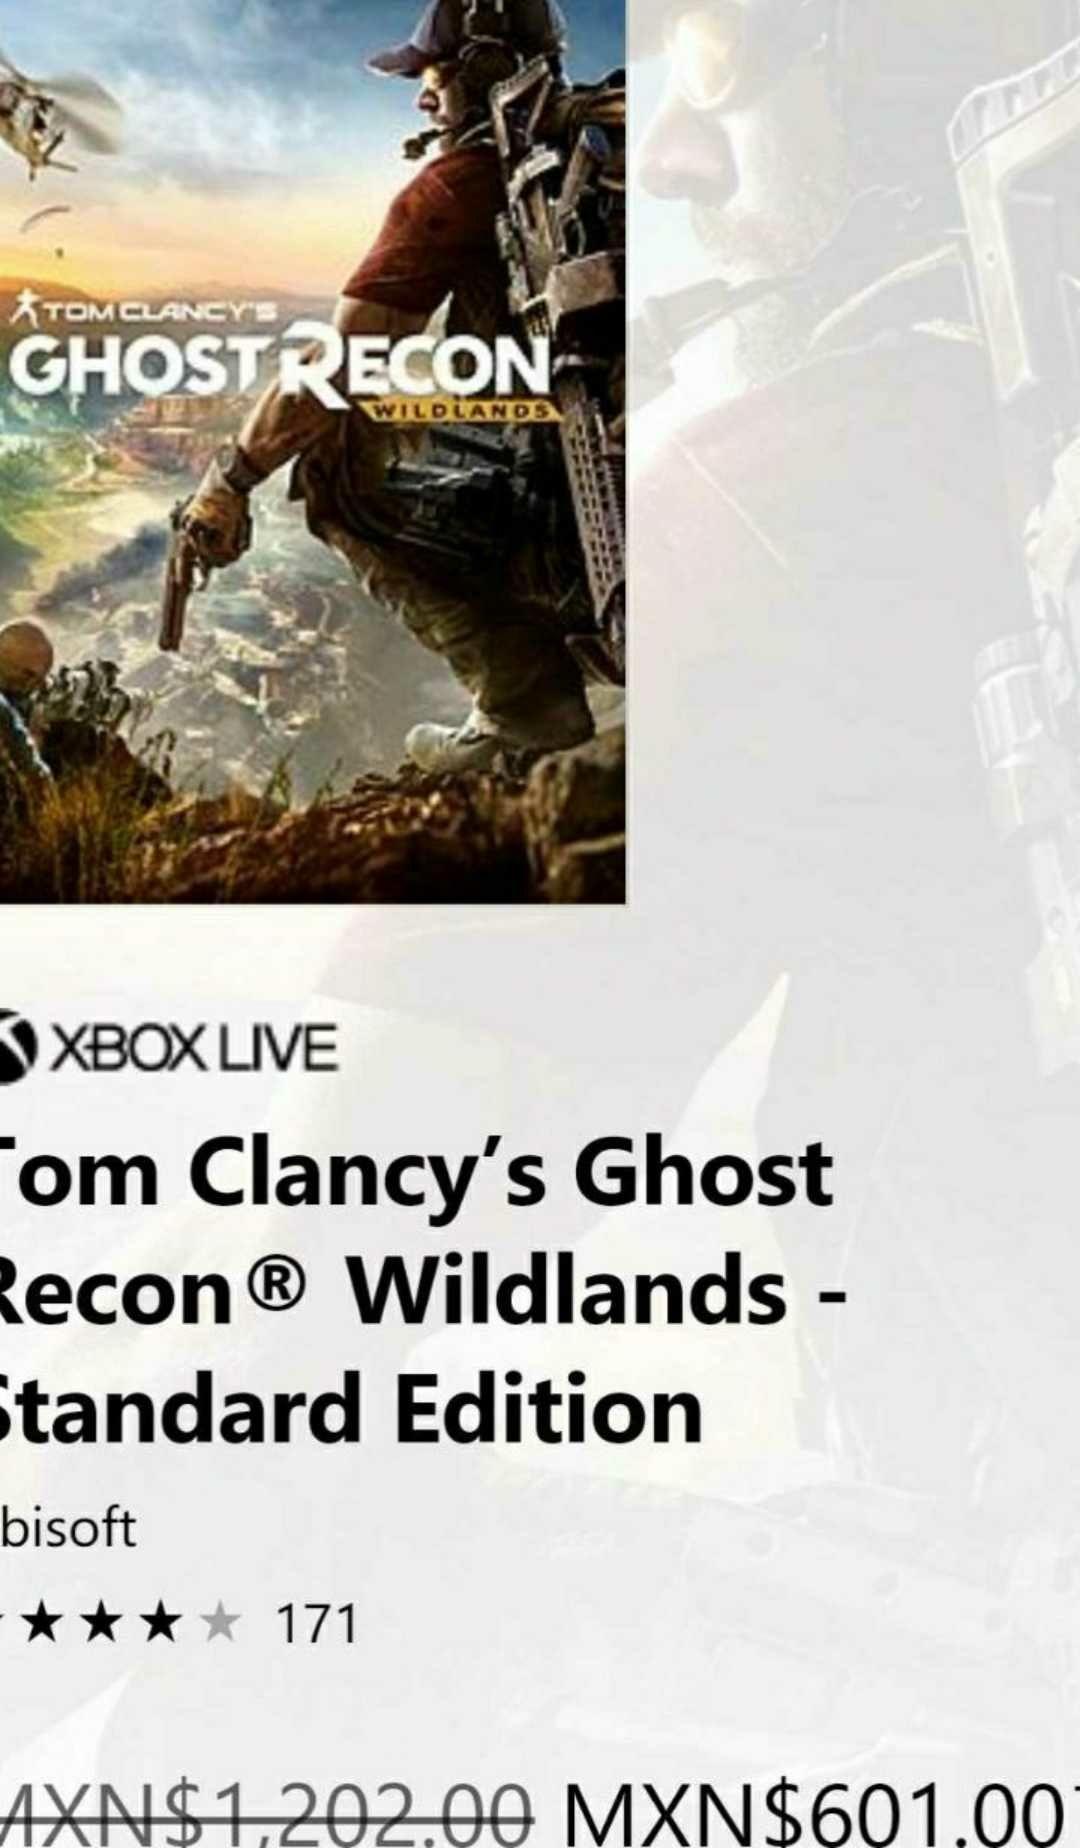 Microsoft Store: Tom Clancy's Ghost Recon® Wildlands Las 3 ediciones en descuento para Xbox One. (5 horas gratis de prueba)